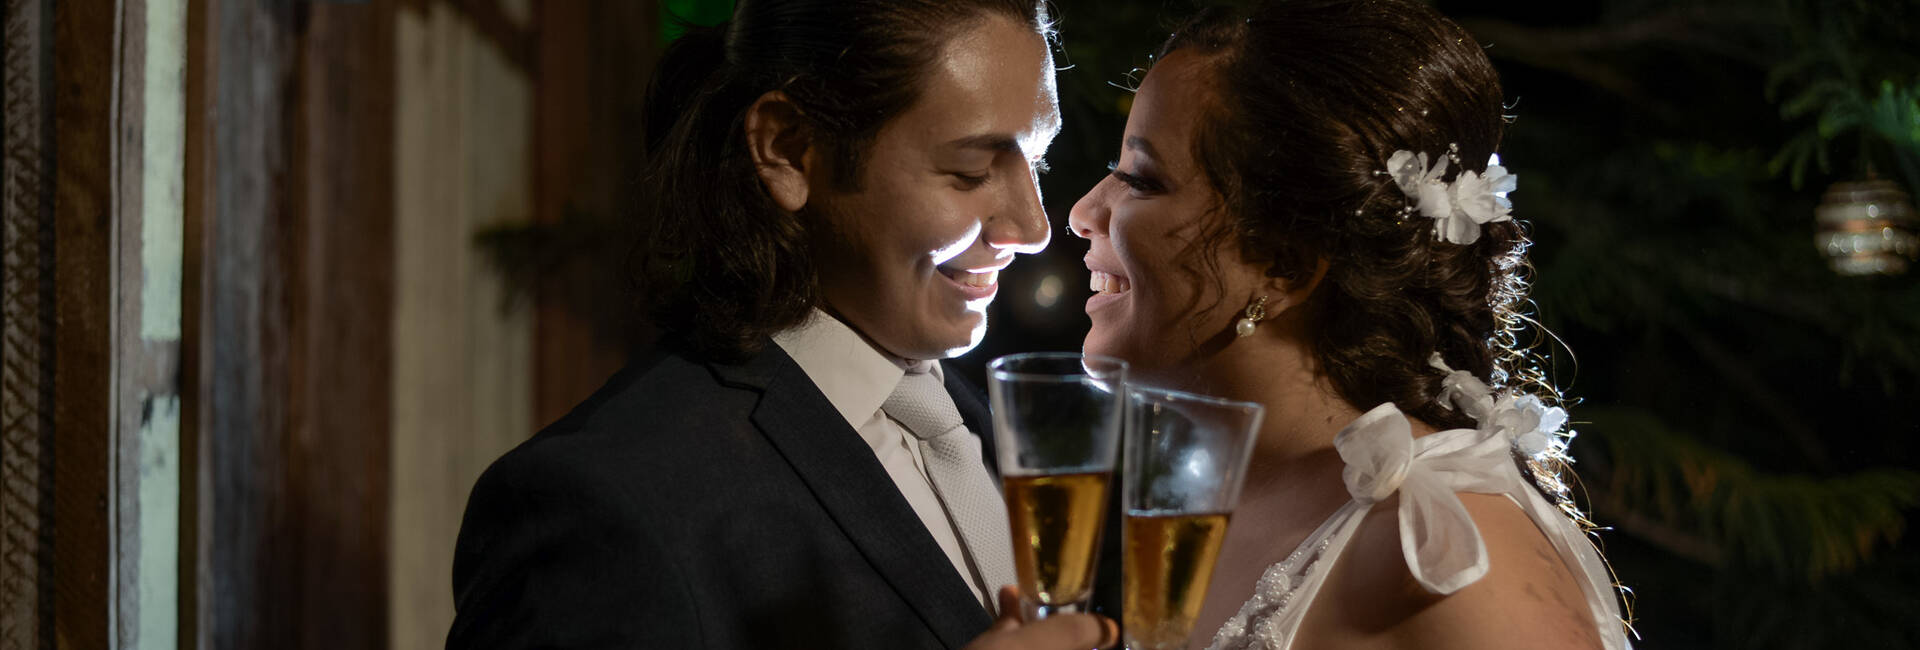 Casamento de Renan & Raquel